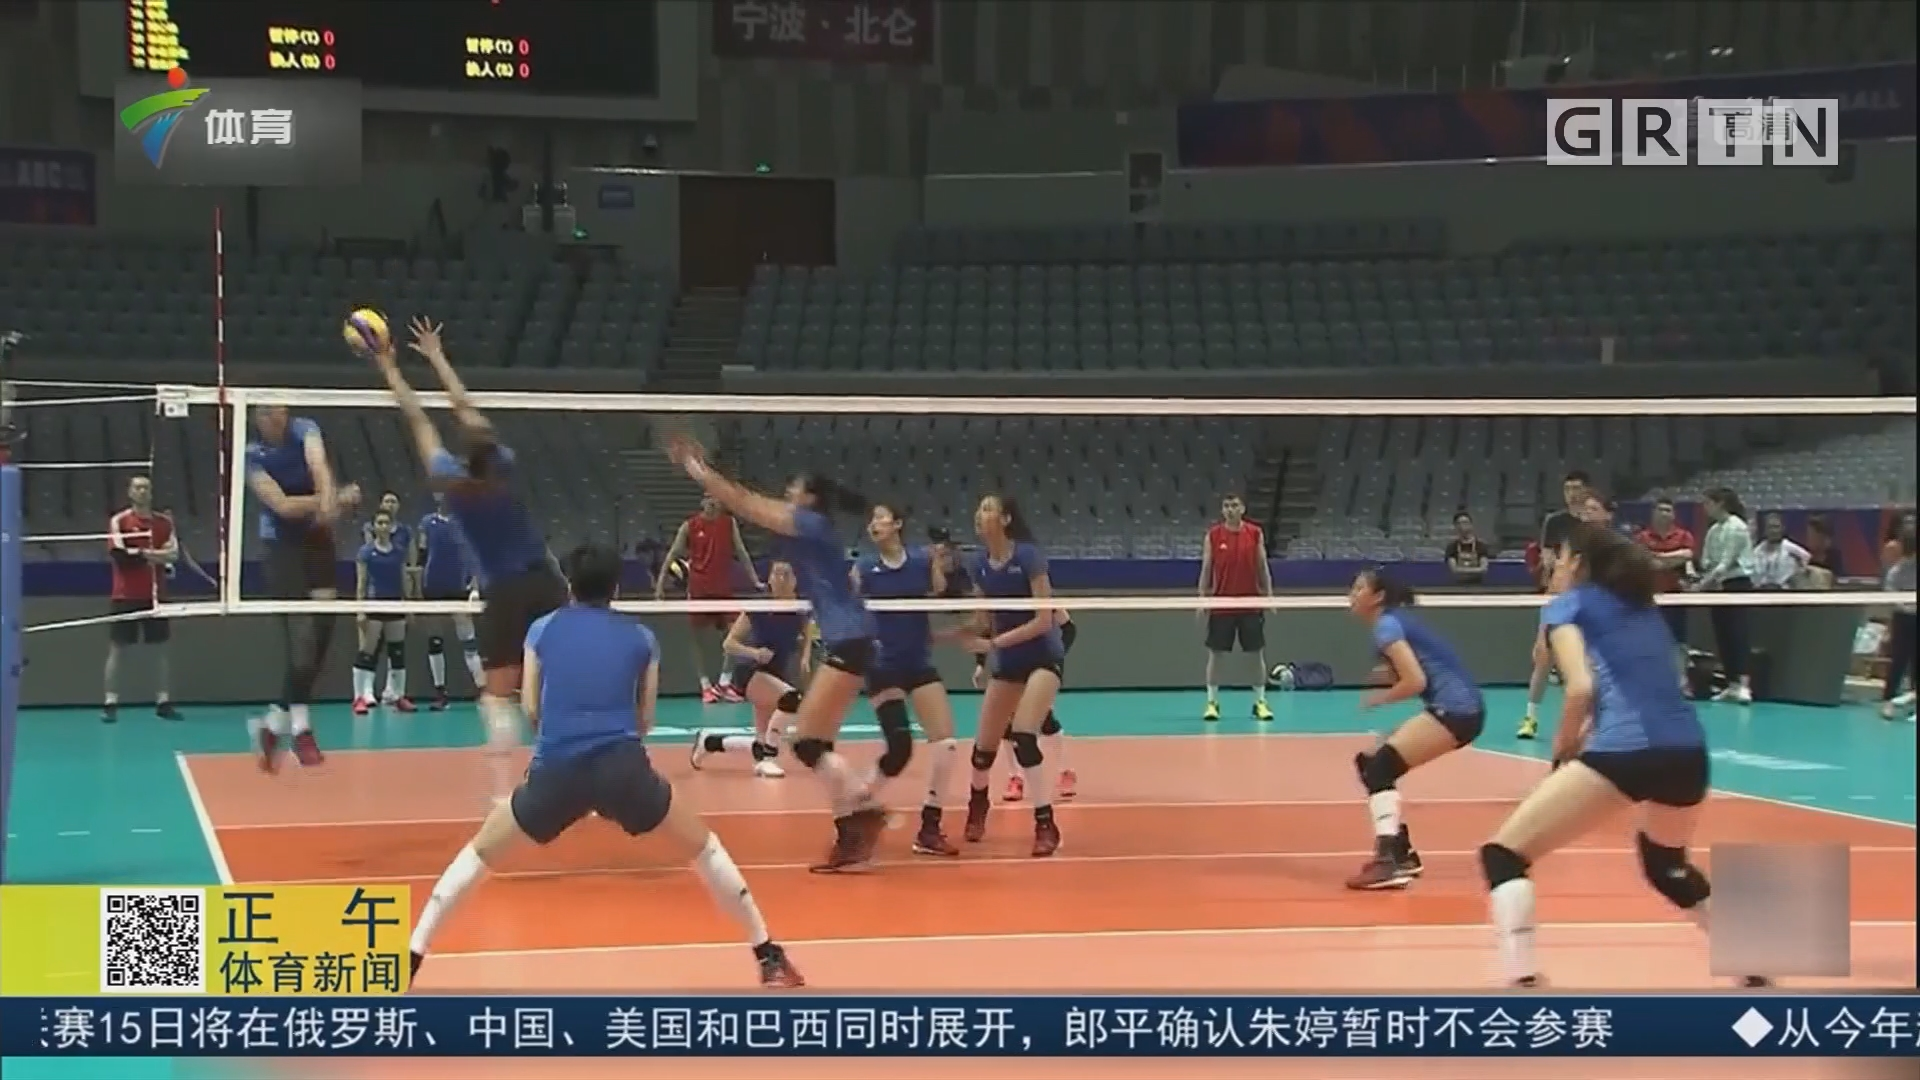 大赛将近 中国女排积极备战